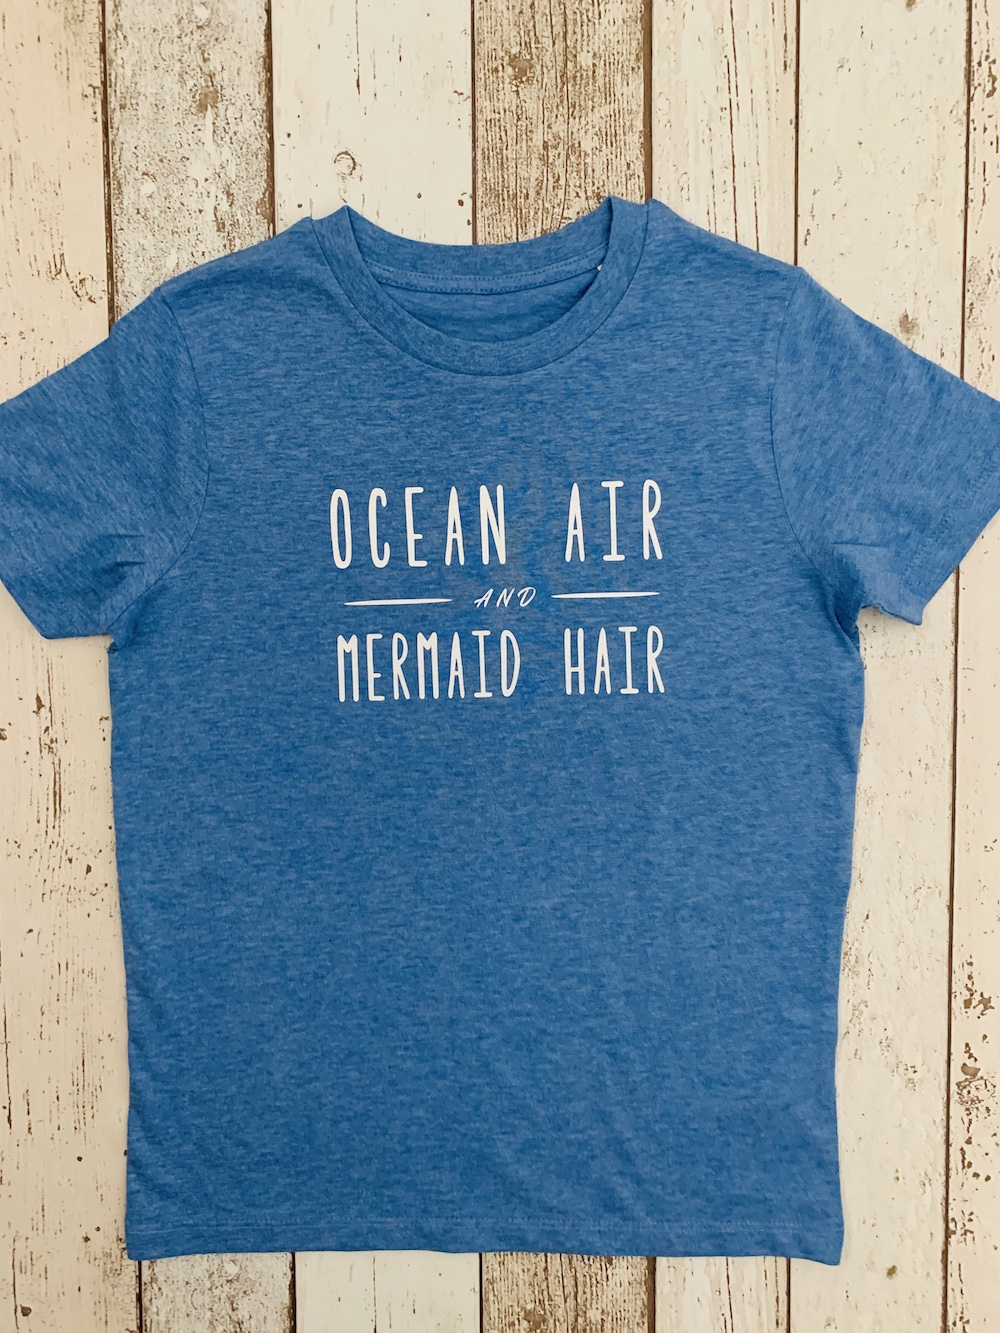 Ocean Air – Blue And White